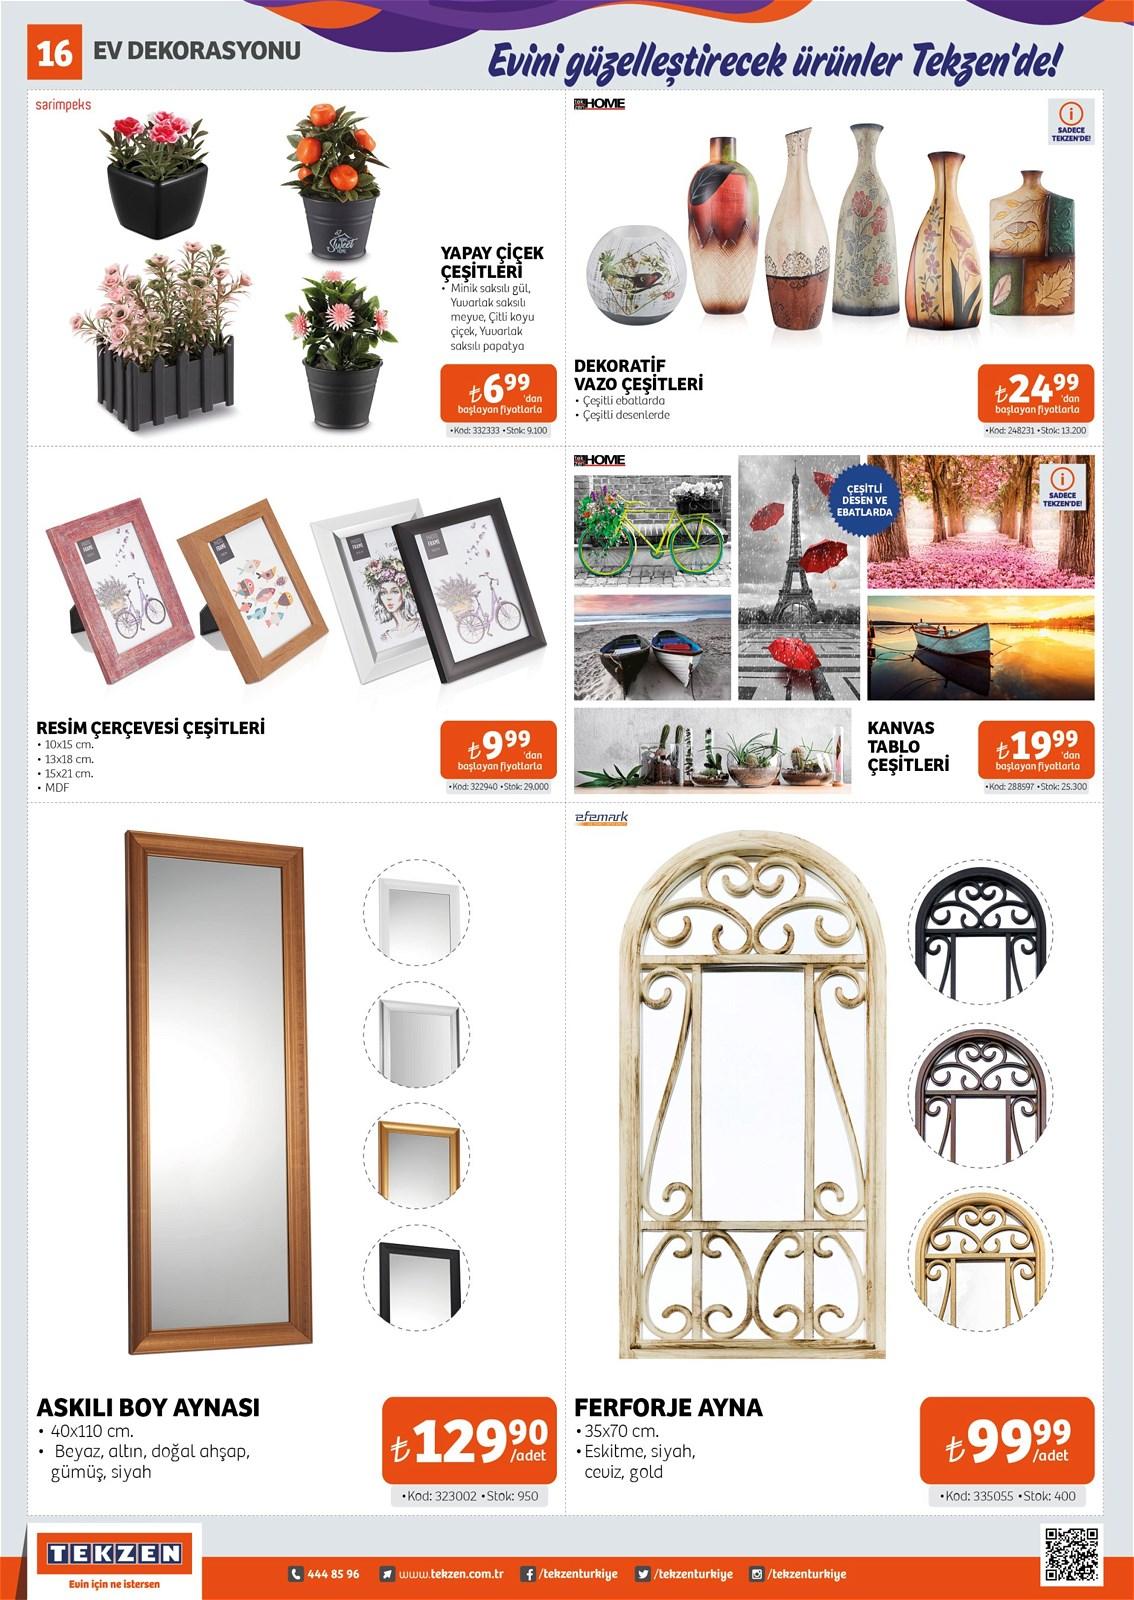 01.10.2021 Tekzen broşürü 16. sayfa